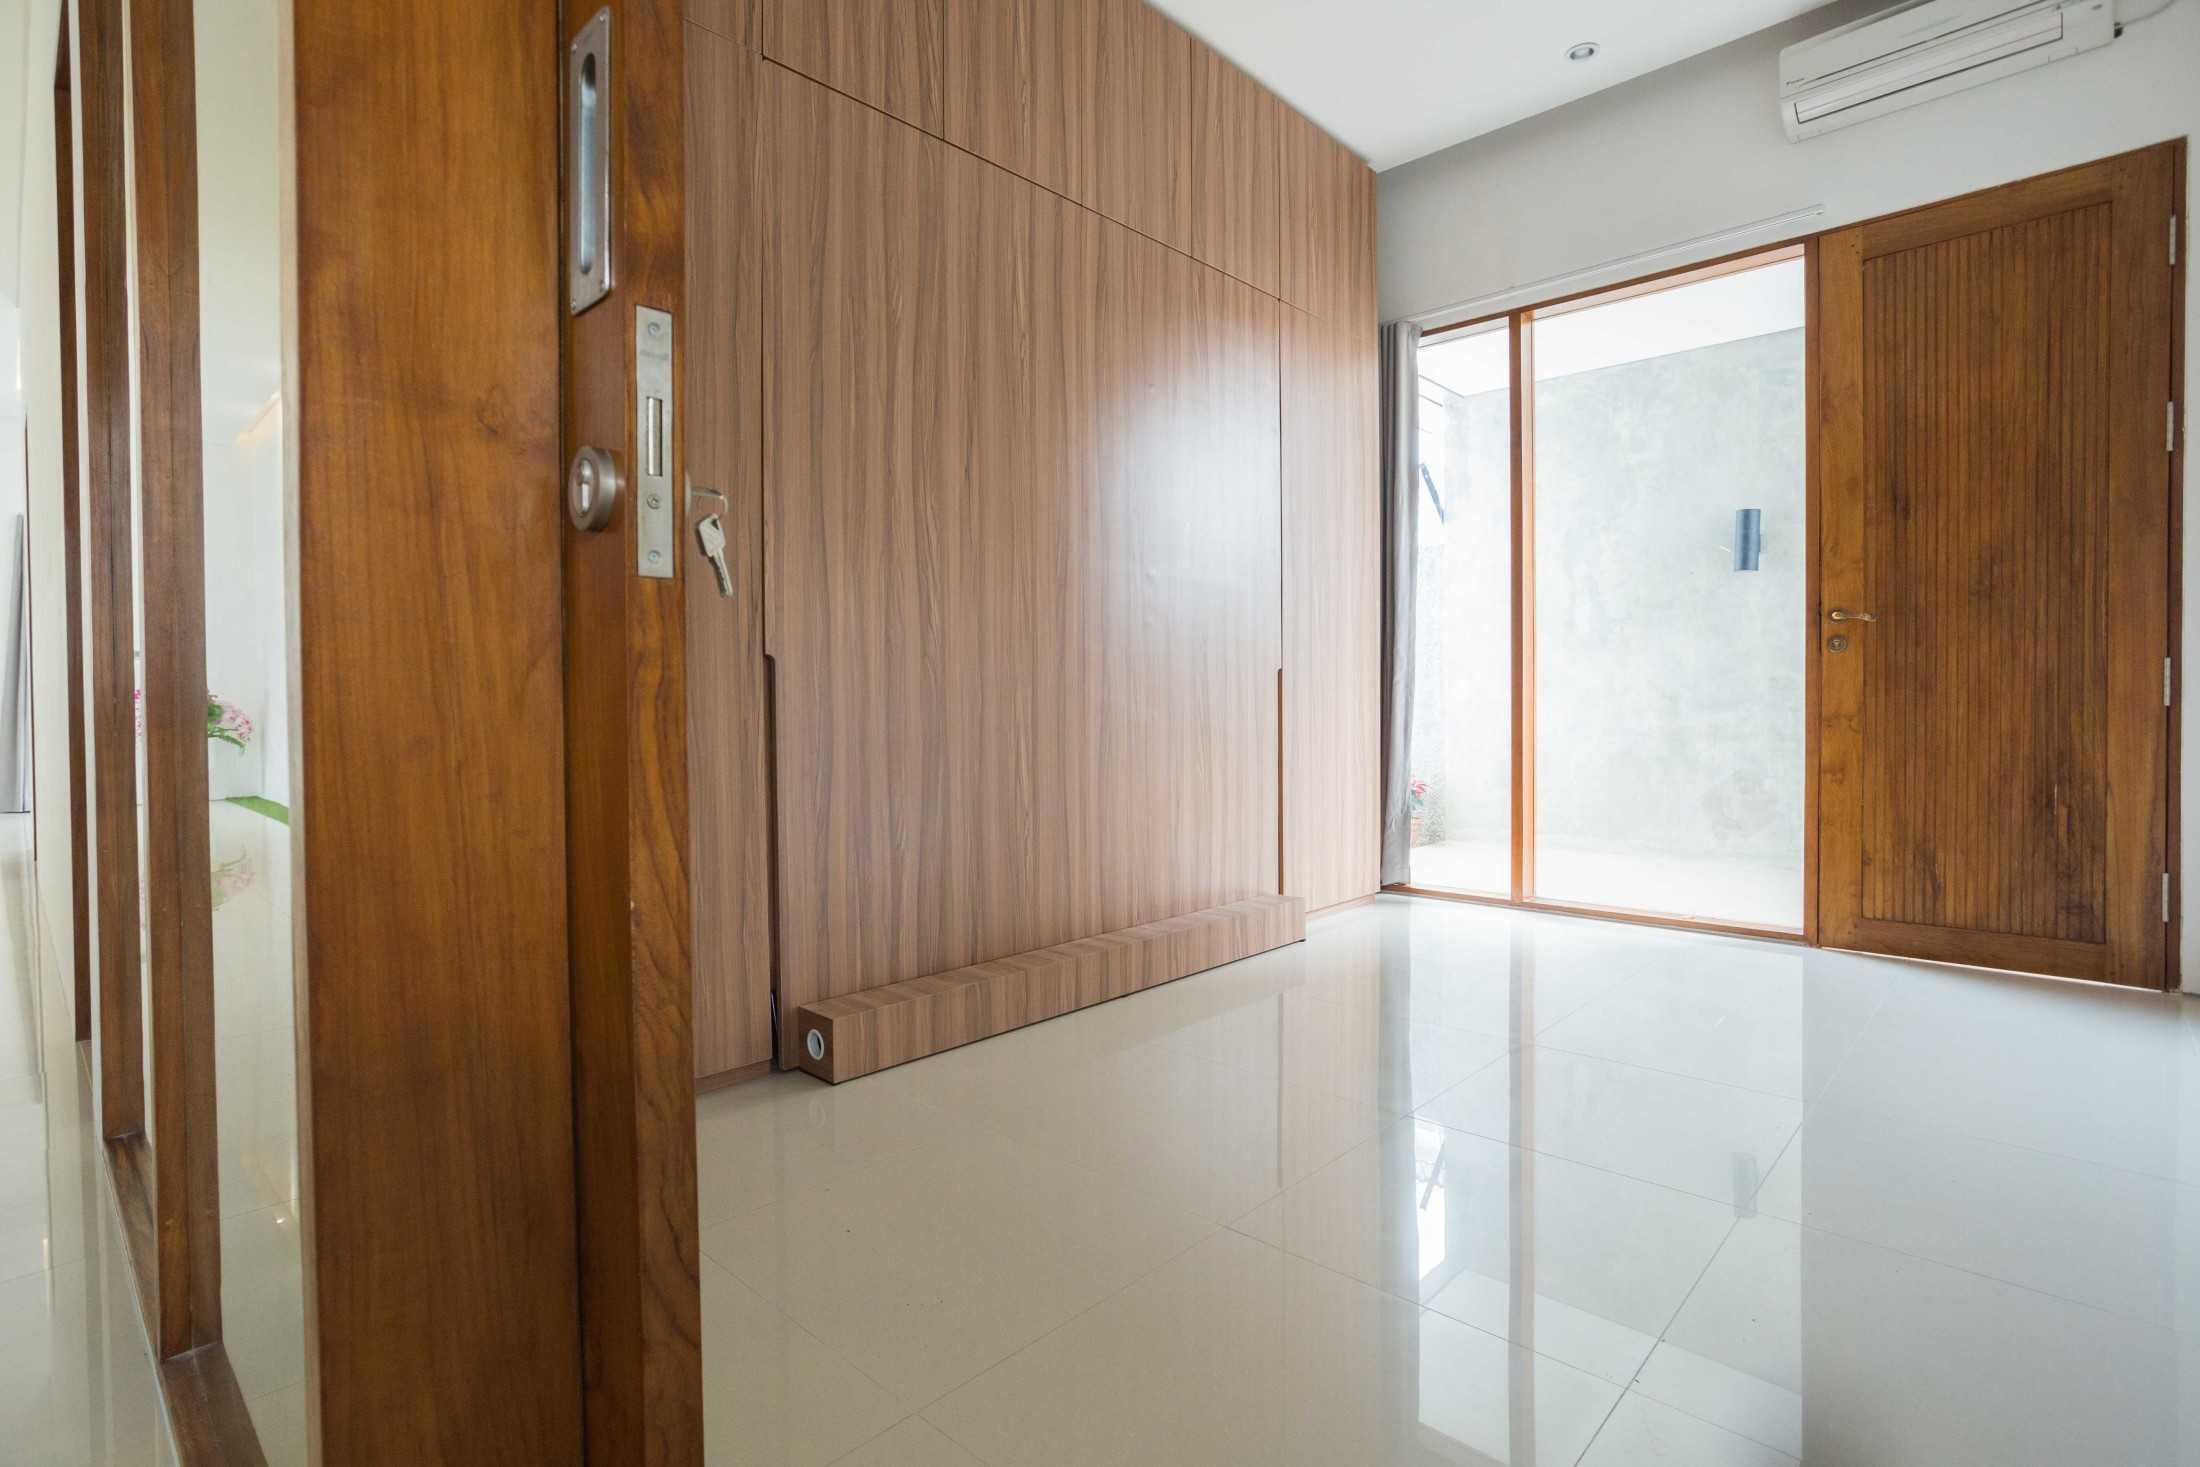 Guntur Haryadi Architecture Studio Ni House Depok, Kota Depok, Jawa Barat, Indonesia Depok, Kota Depok, Jawa Barat, Indonesia Guntur-Haryadi-Architecture-Studio-Ni-House  62620